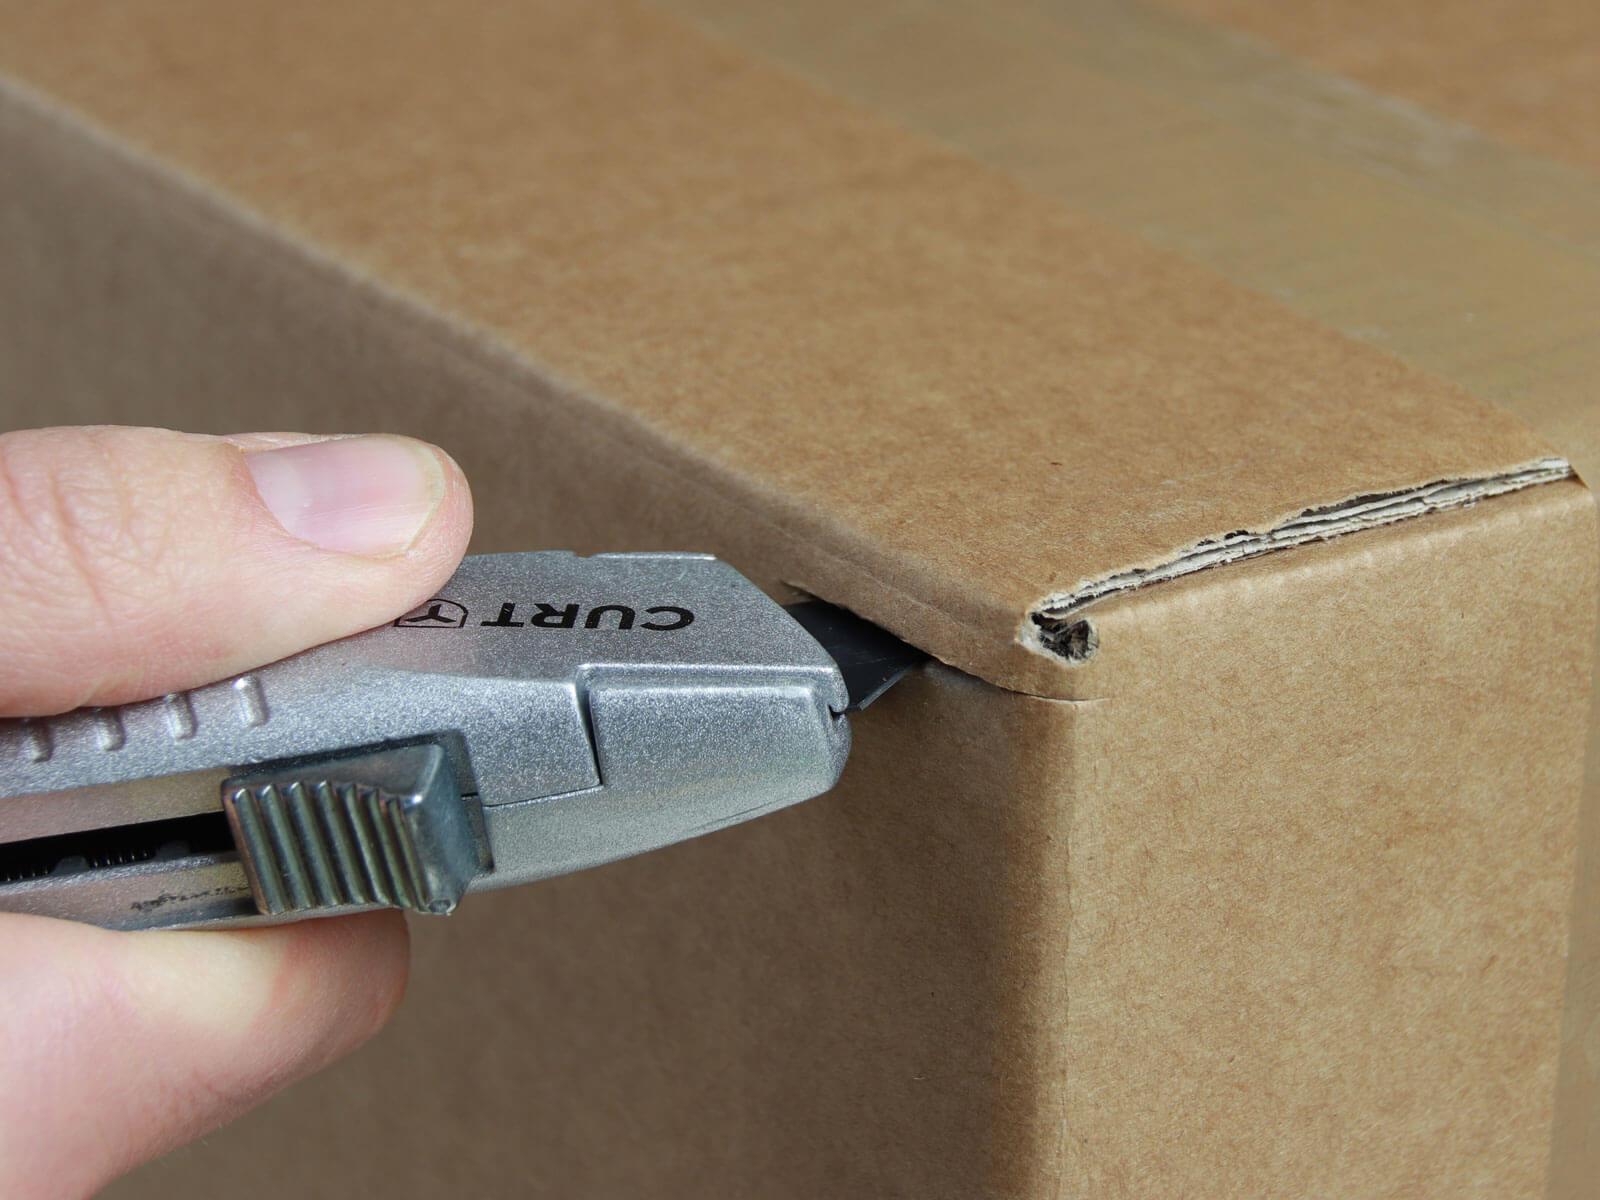 U010 Sicherheitsmesser automatischer Klingenrückzug Karton schneiden abdeckeln CURT-tools